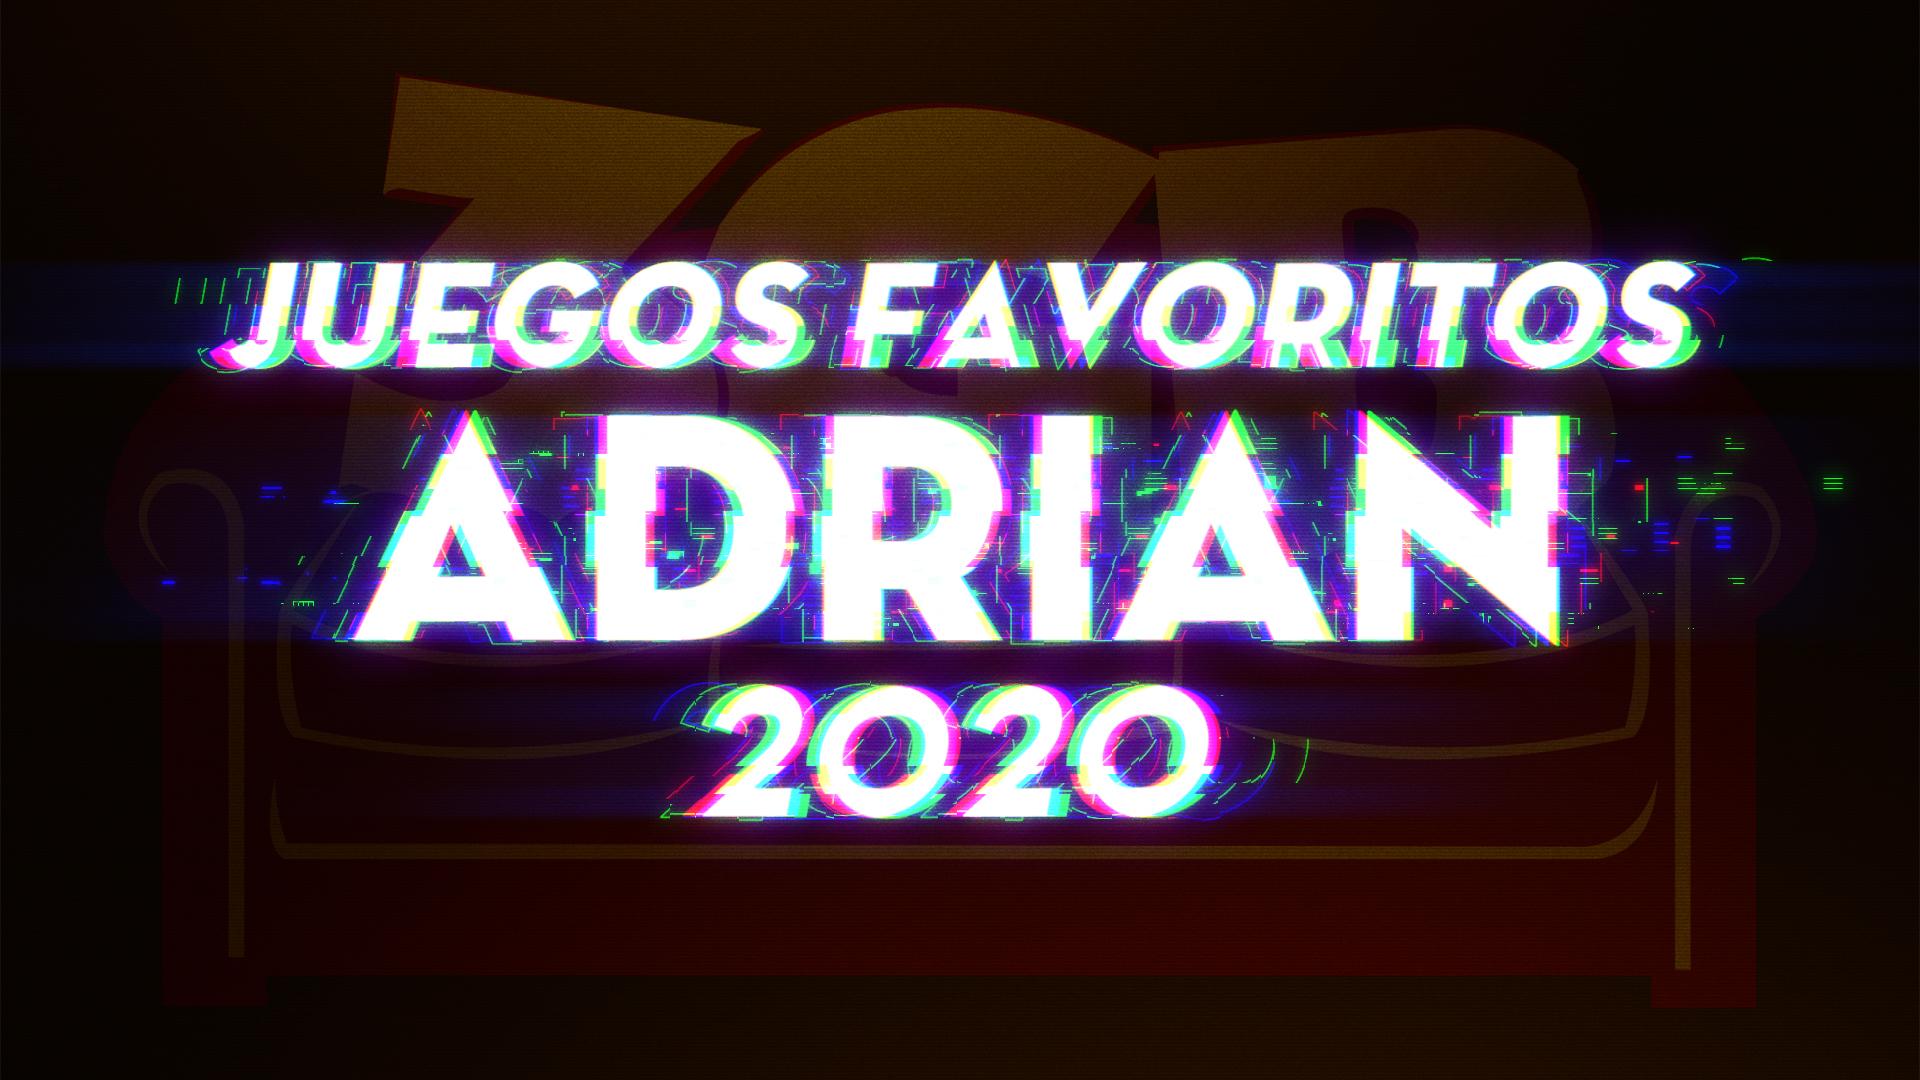 Los Juegos Favoritos de Adrian del 2020